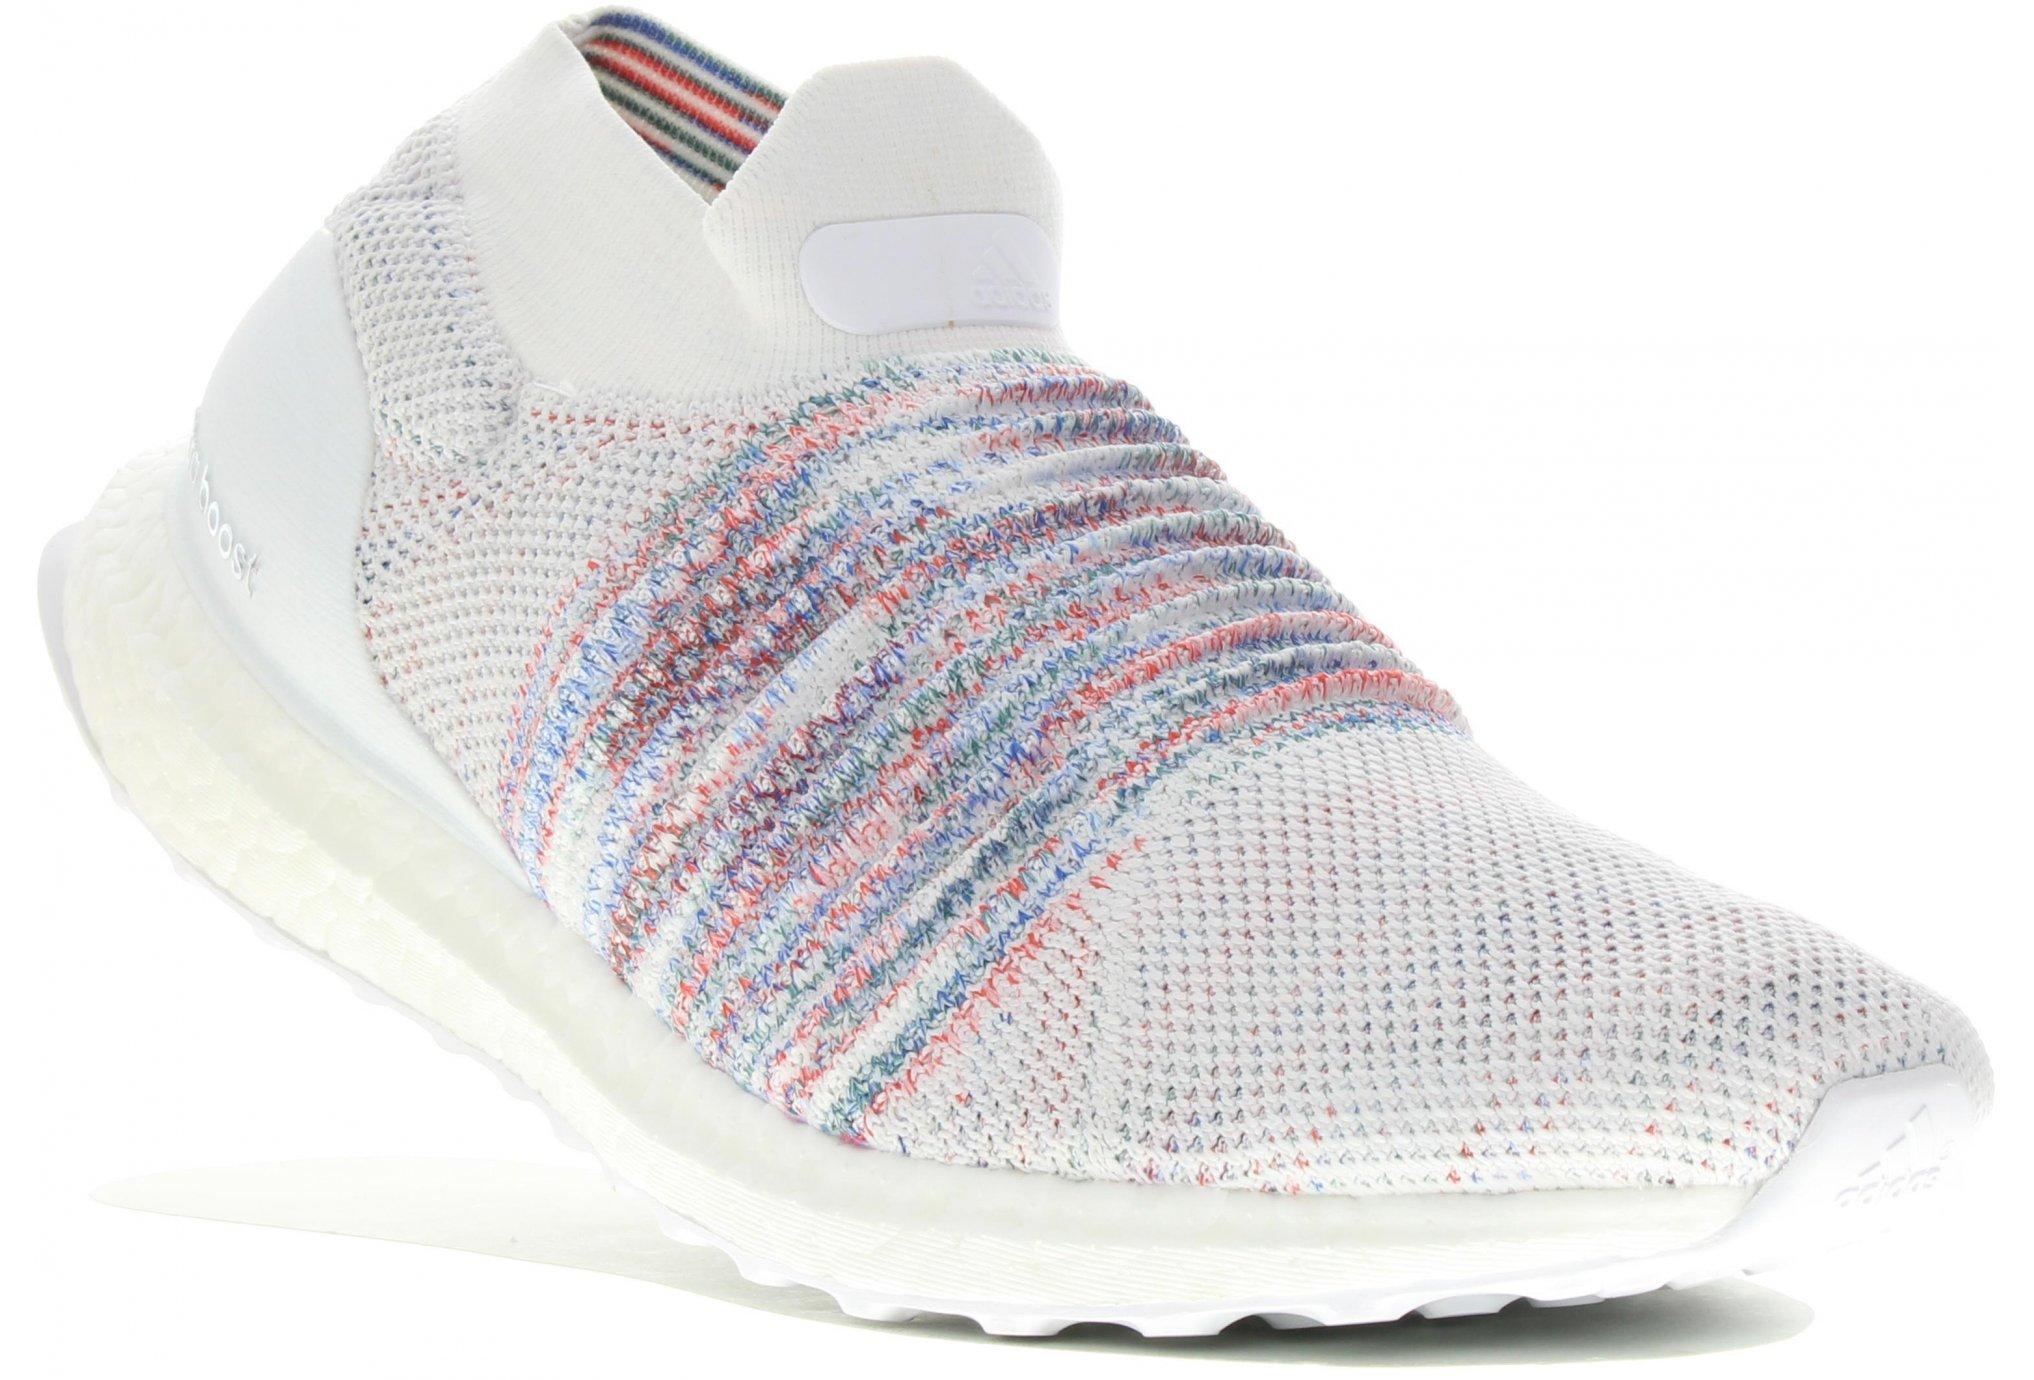 adidas UltraBOOST Laceless M Diététique Chaussures homme